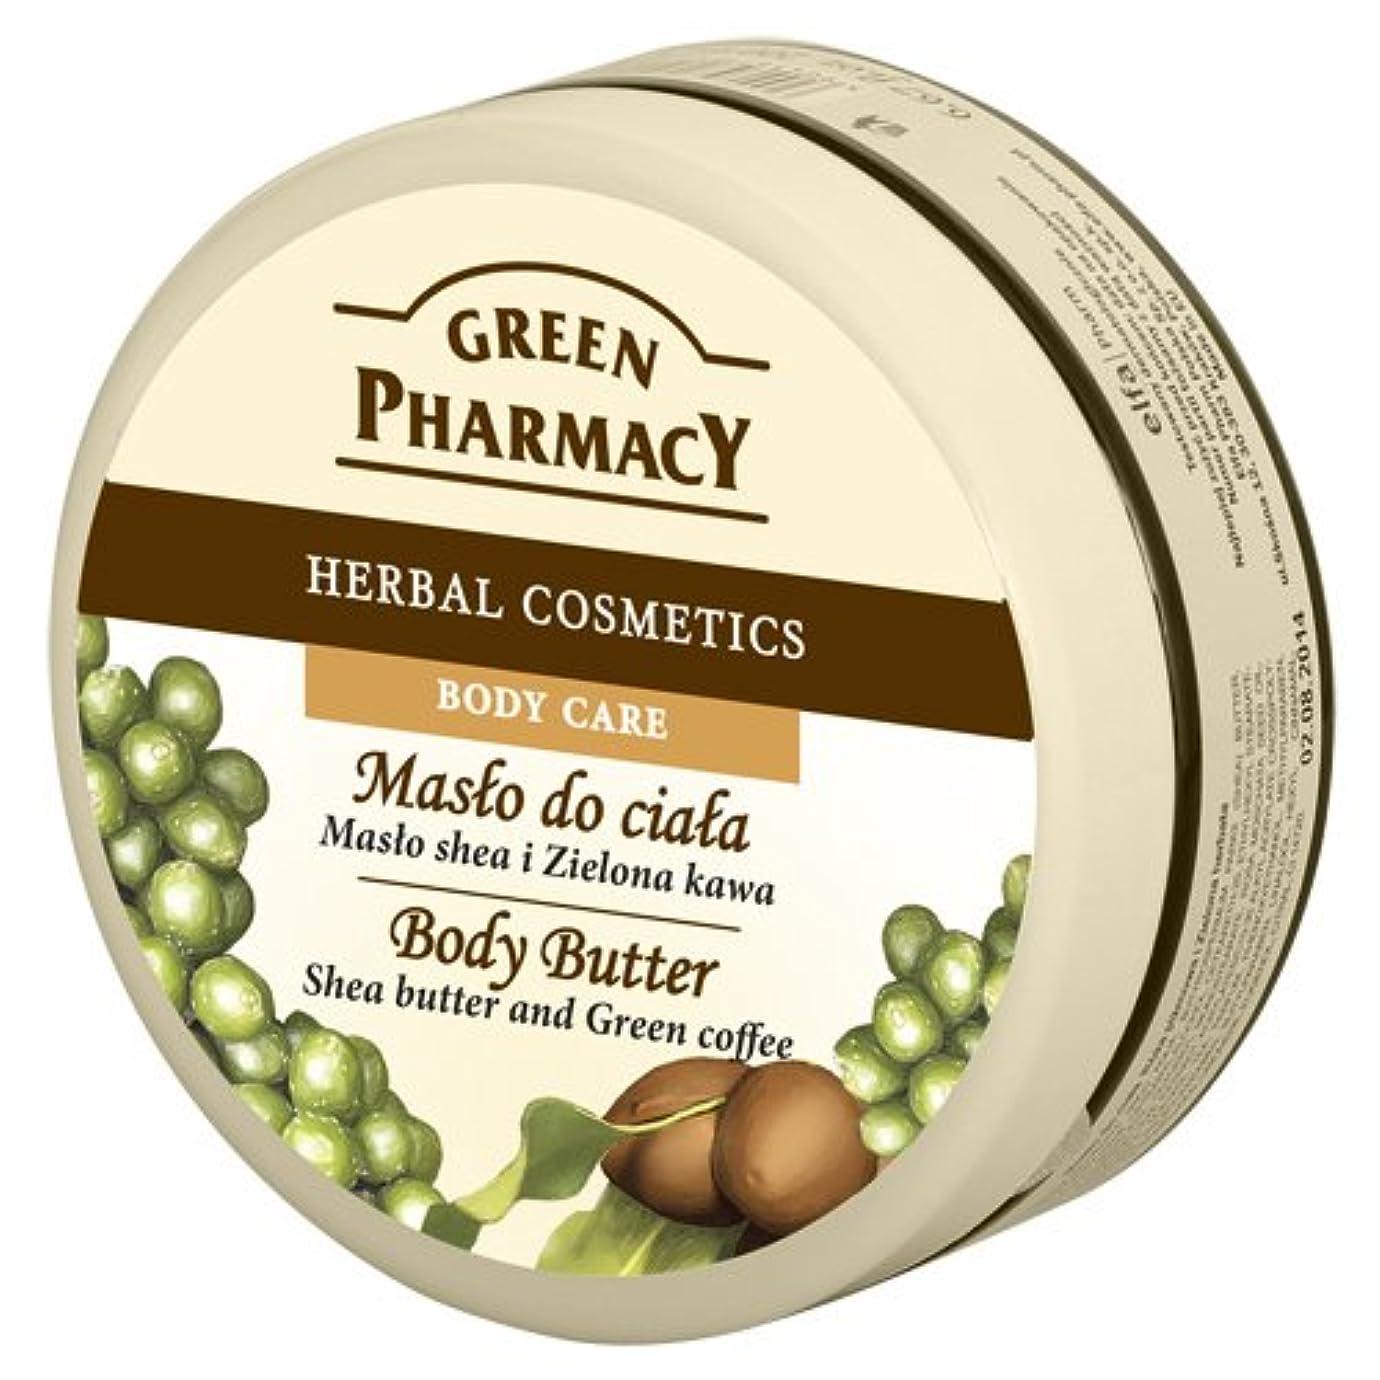 するだろう判決タイプライターElfa Pharm Green Pharmacy グリーンファーマシー Body Butter ボディバター Shea Butter and Green Coffee